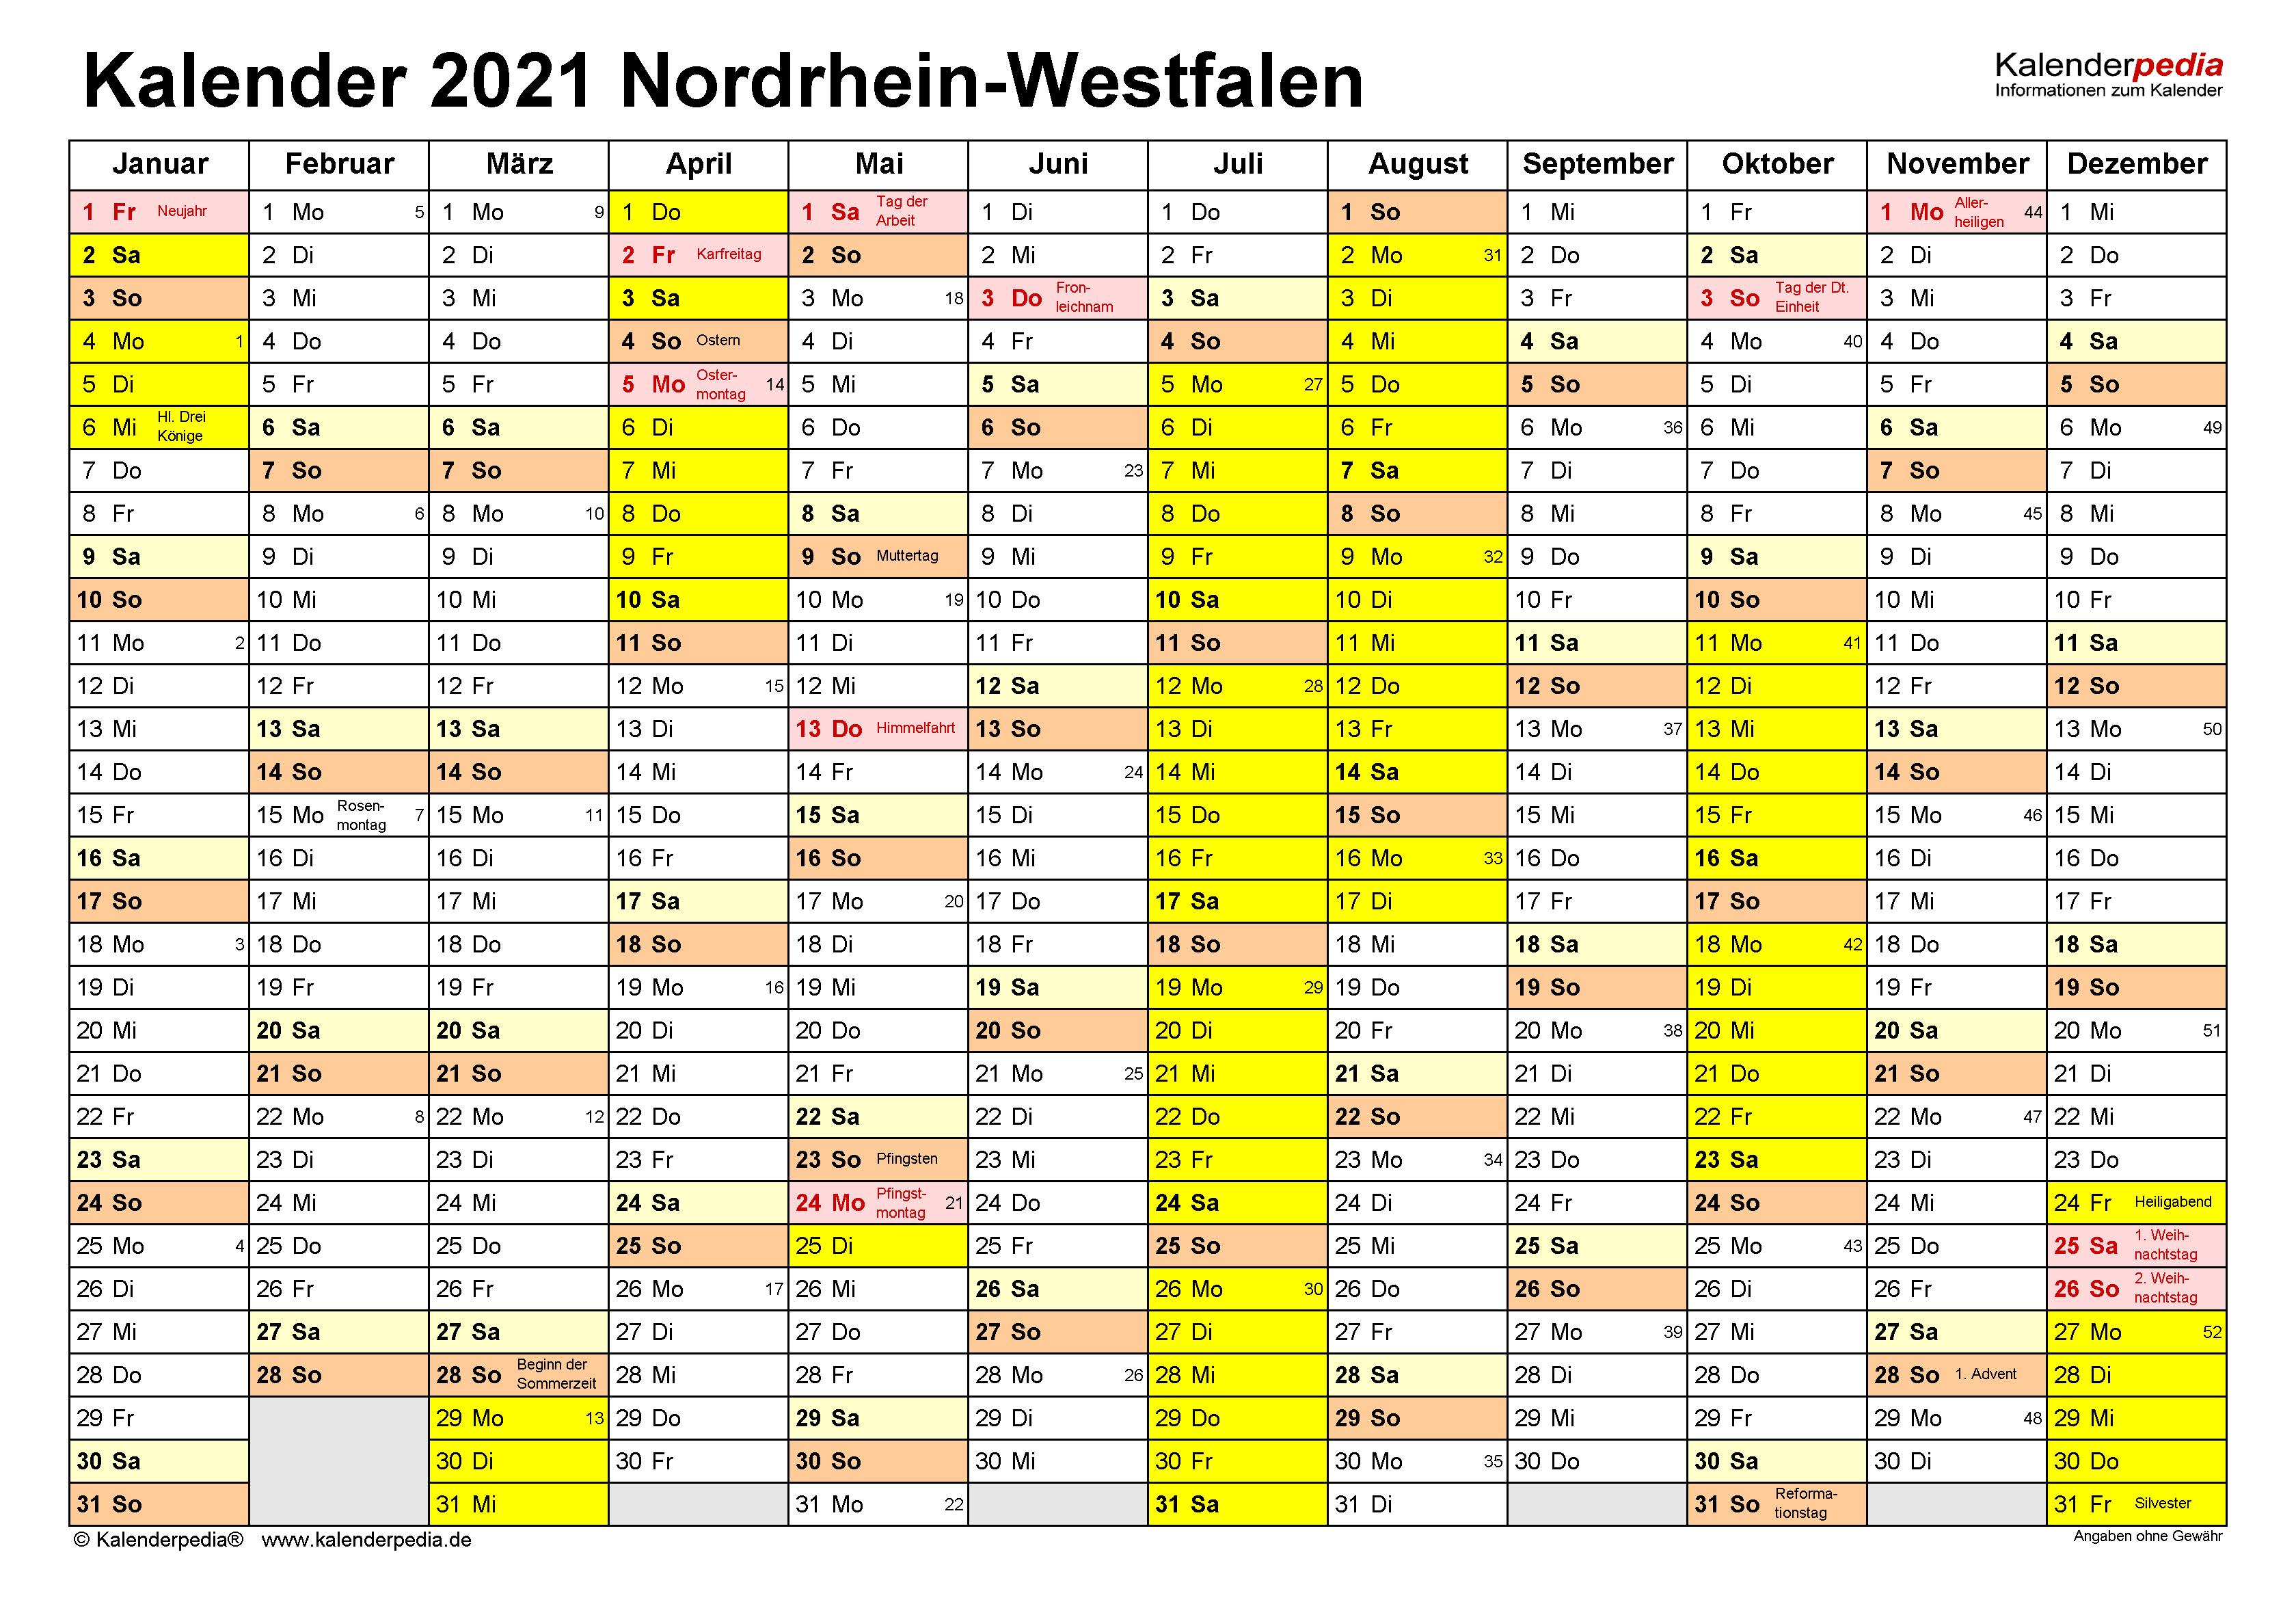 Kalender 2021 NRW: Ferien, Feiertage, Excel-Vorlagen